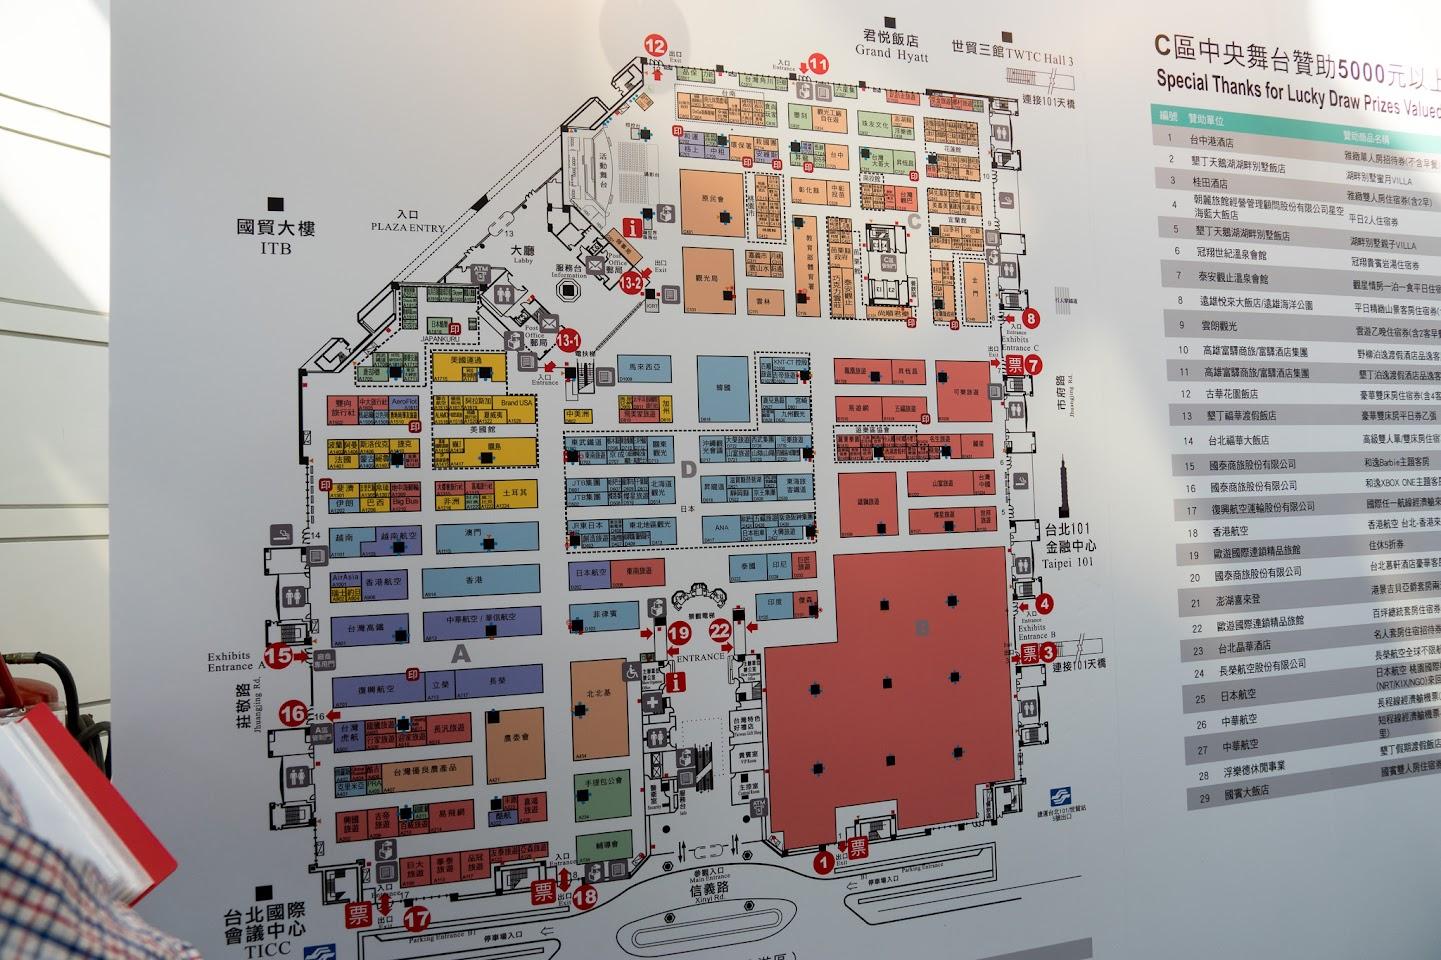 会場マップ・中央の点線で囲まれた区域は日本エリア